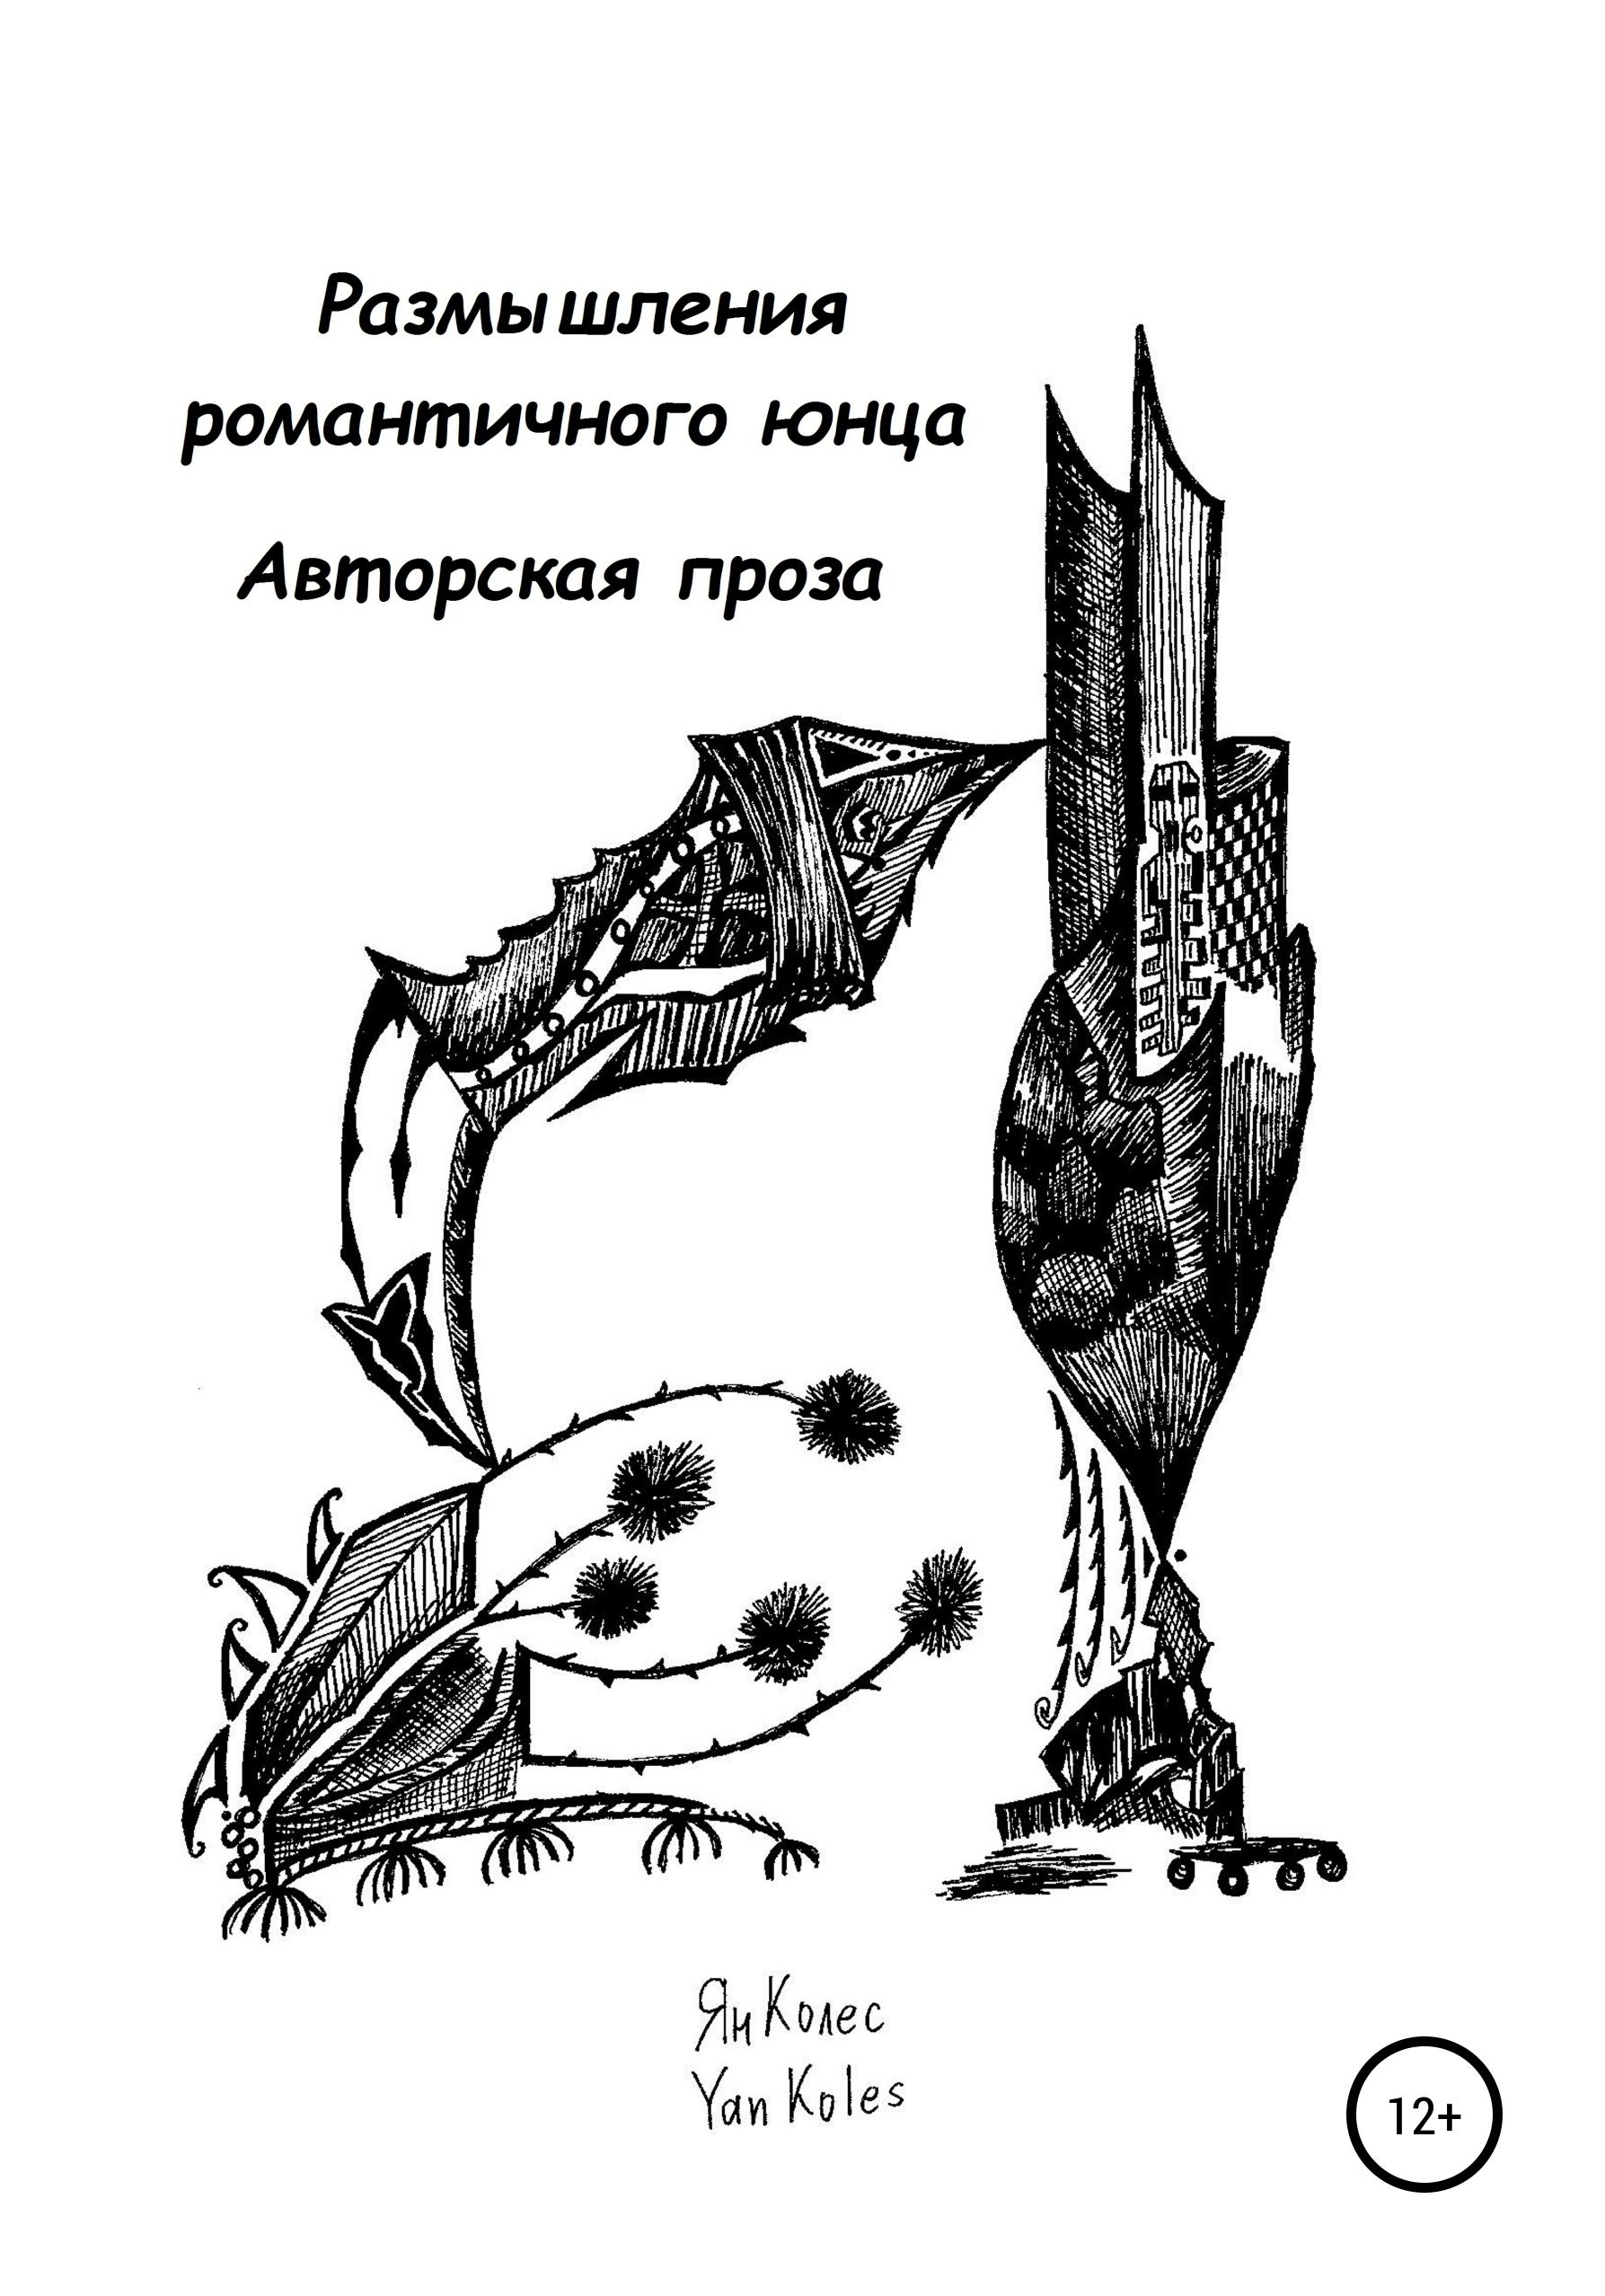 Ян Андреевич Колес Размышления романтичного юнца артур андреевич прокопчук размышления от